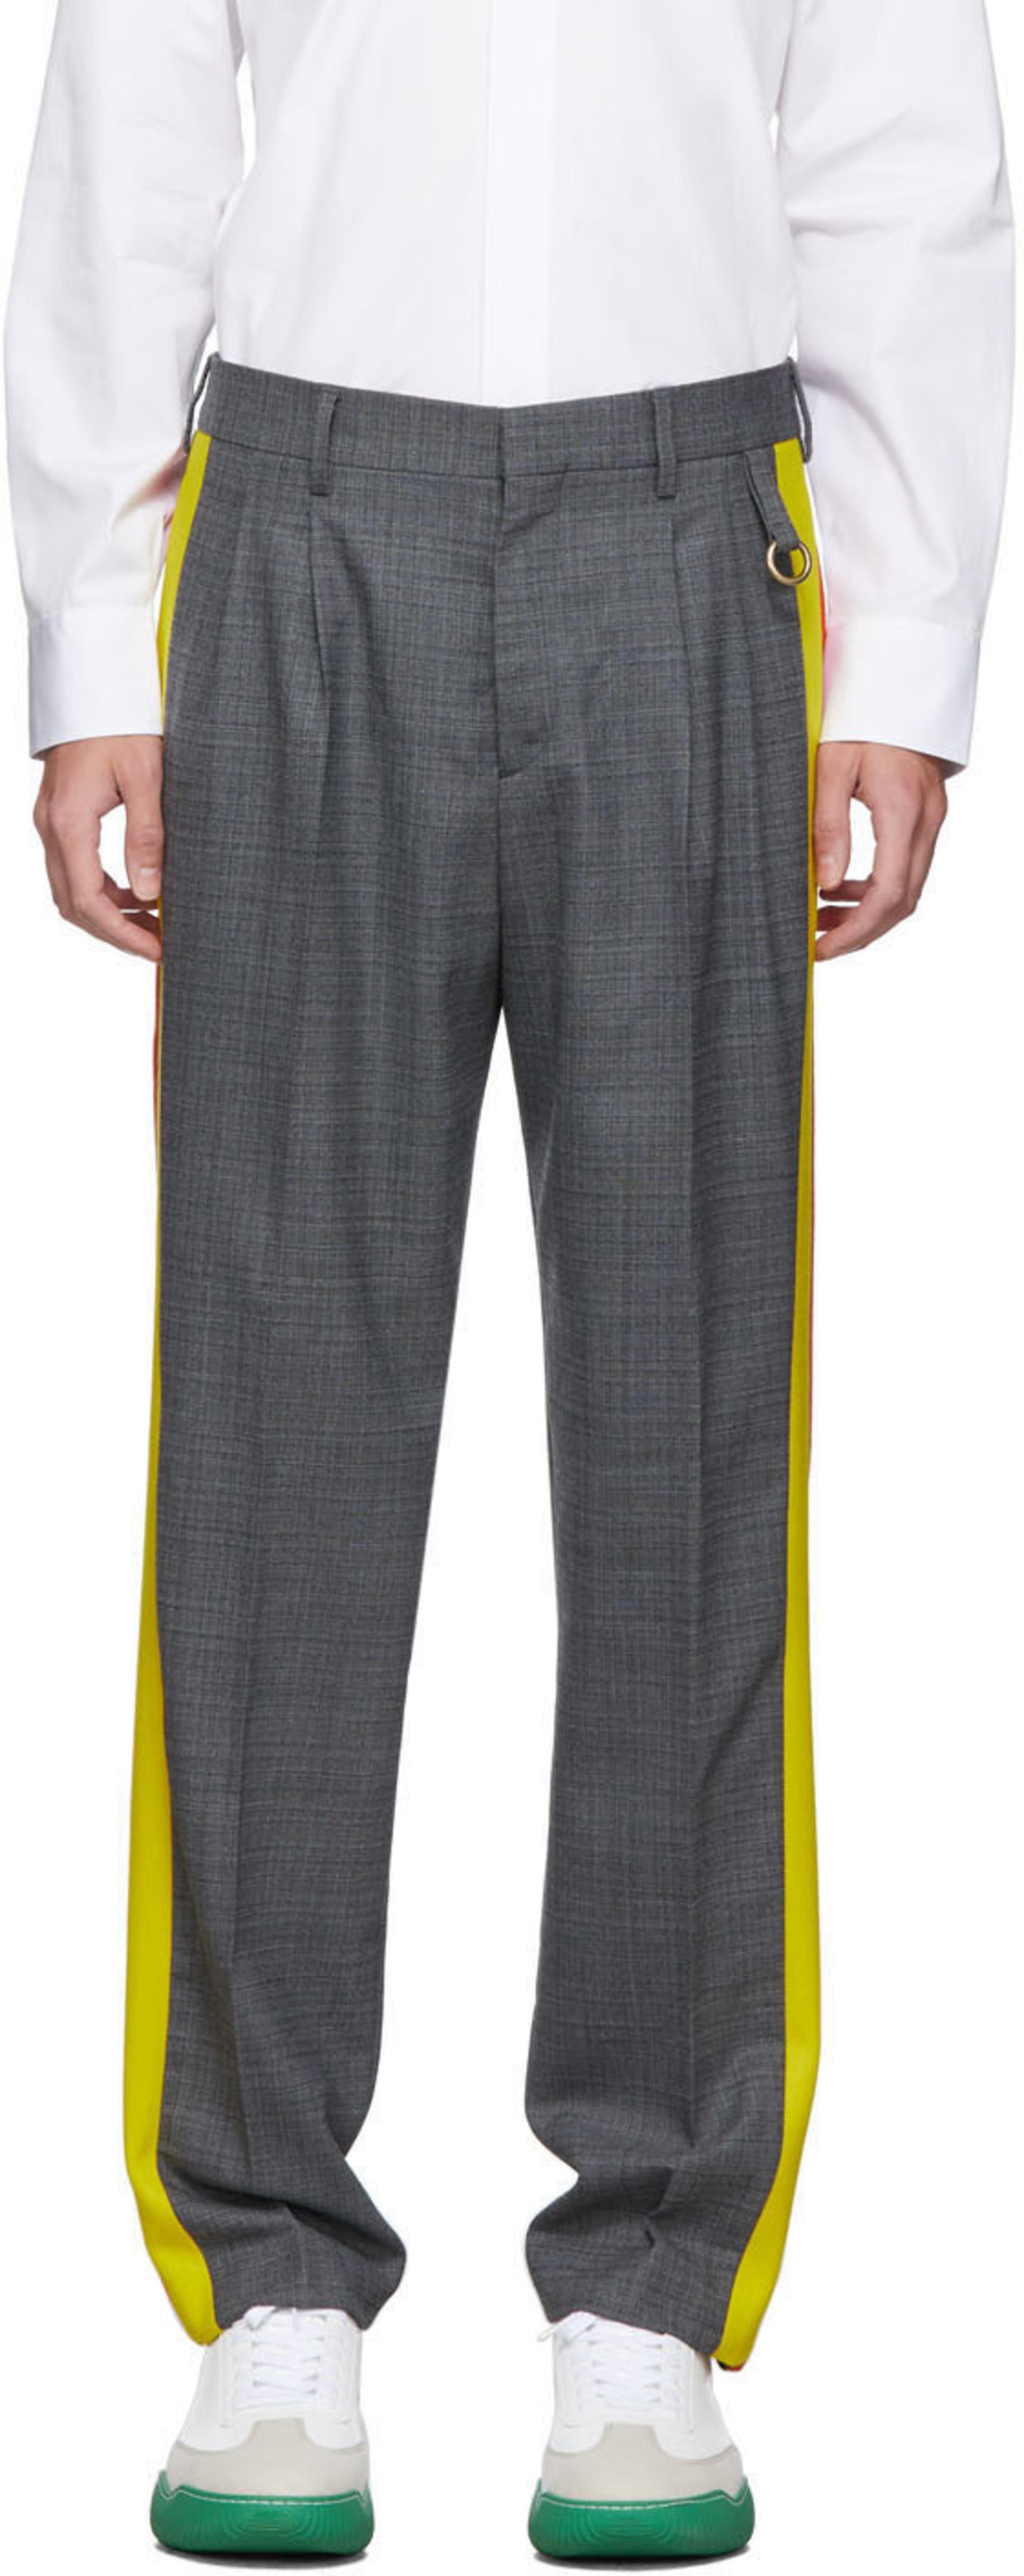 Grey New Julian Contrast Trousers